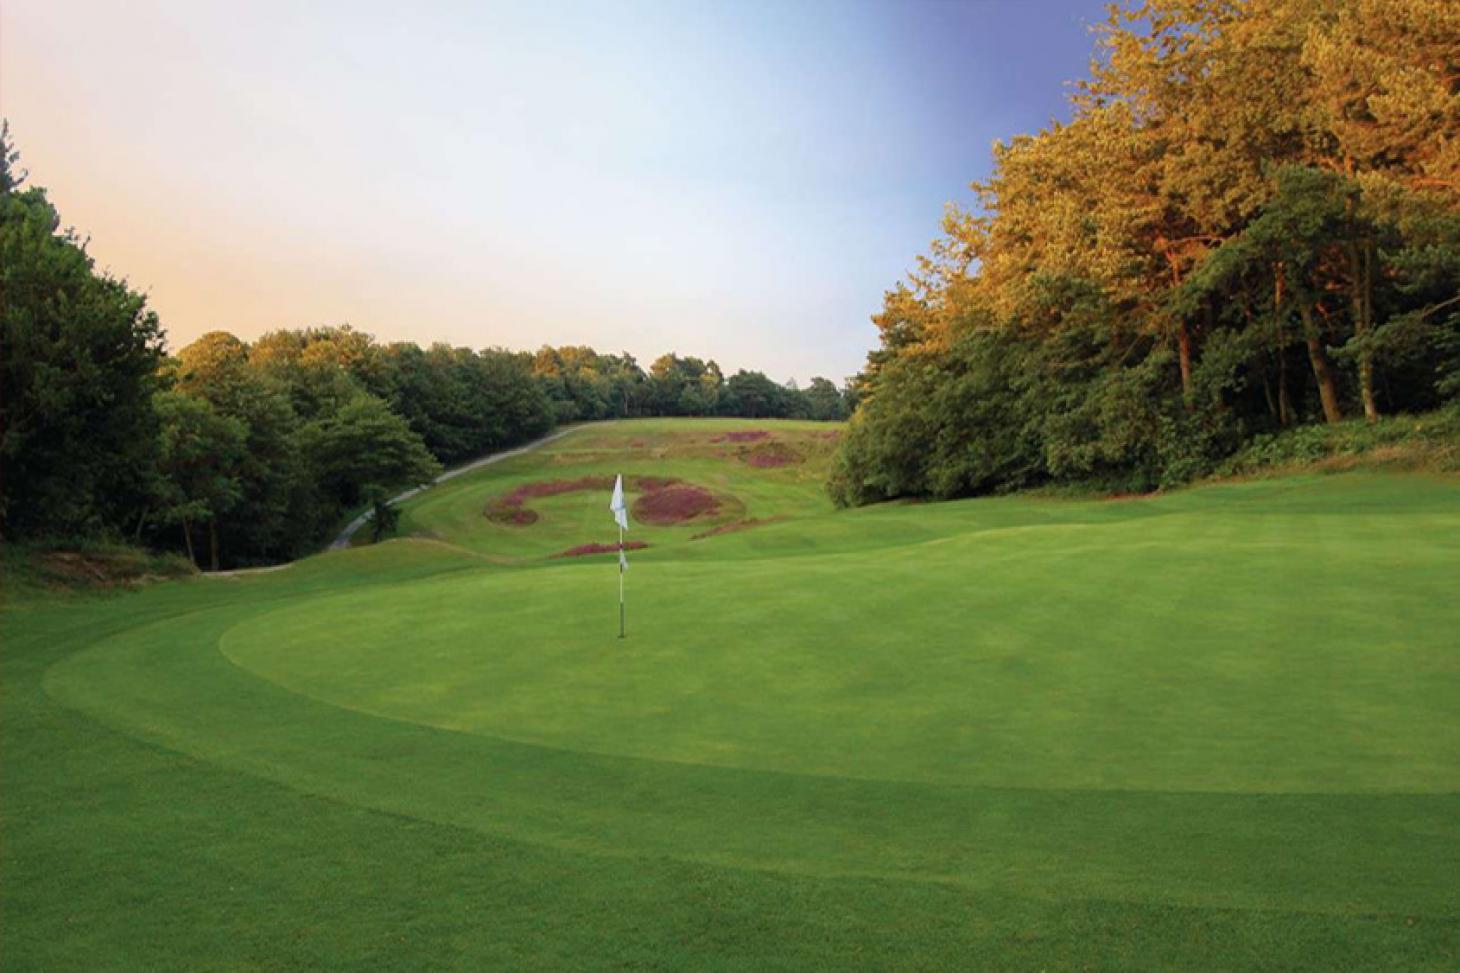 Addington Golf Club 18 hole golf course